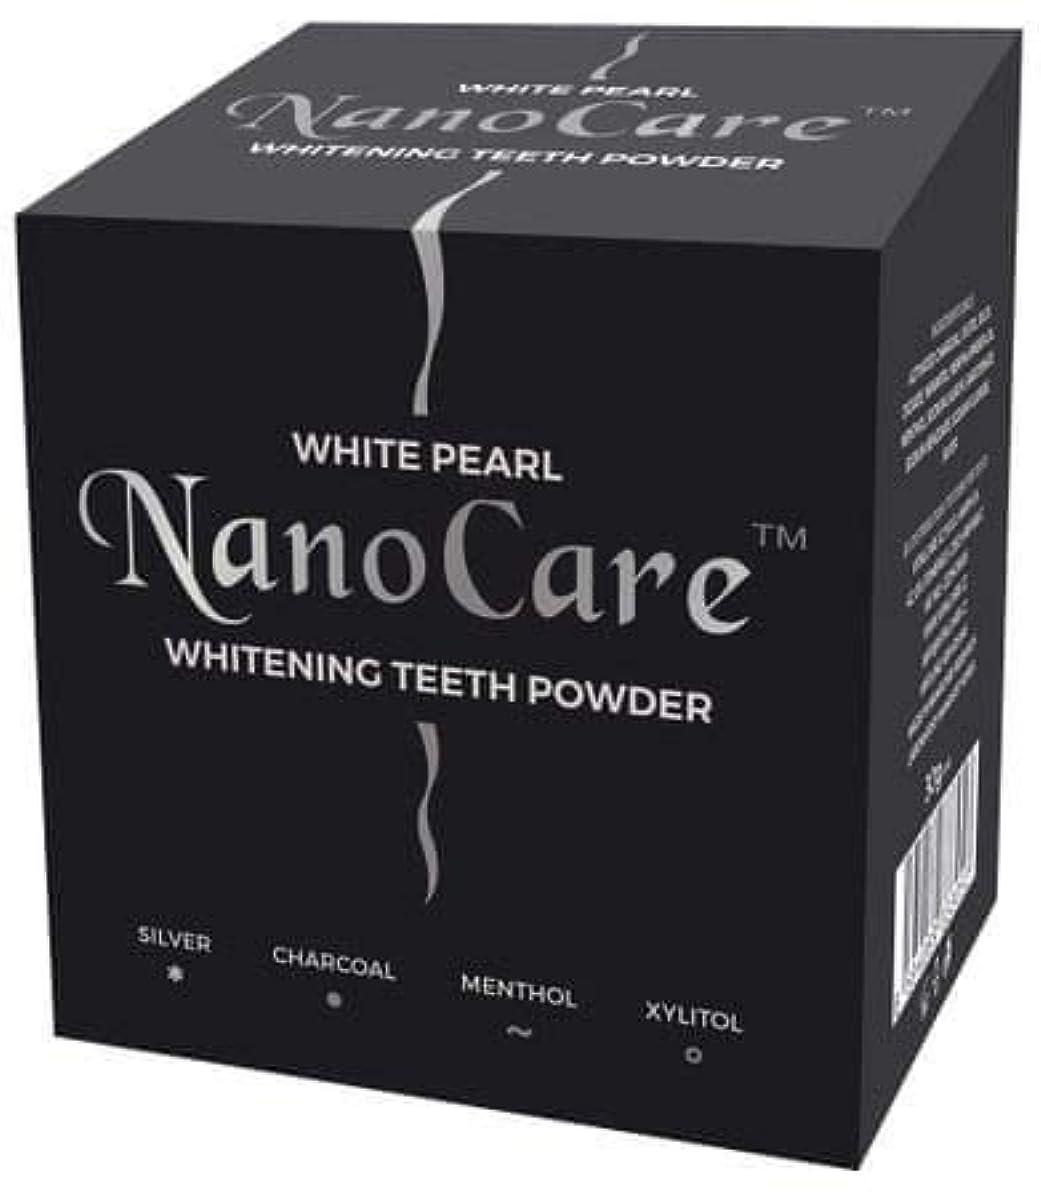 音マーカー南東Nano Care Whitening Powder with Active Charcoal and Silver nanoparticles 30g Made in Korea / 活性炭と銀ナノ粒子30gのナノケアホワイトニングパウダー韓国製